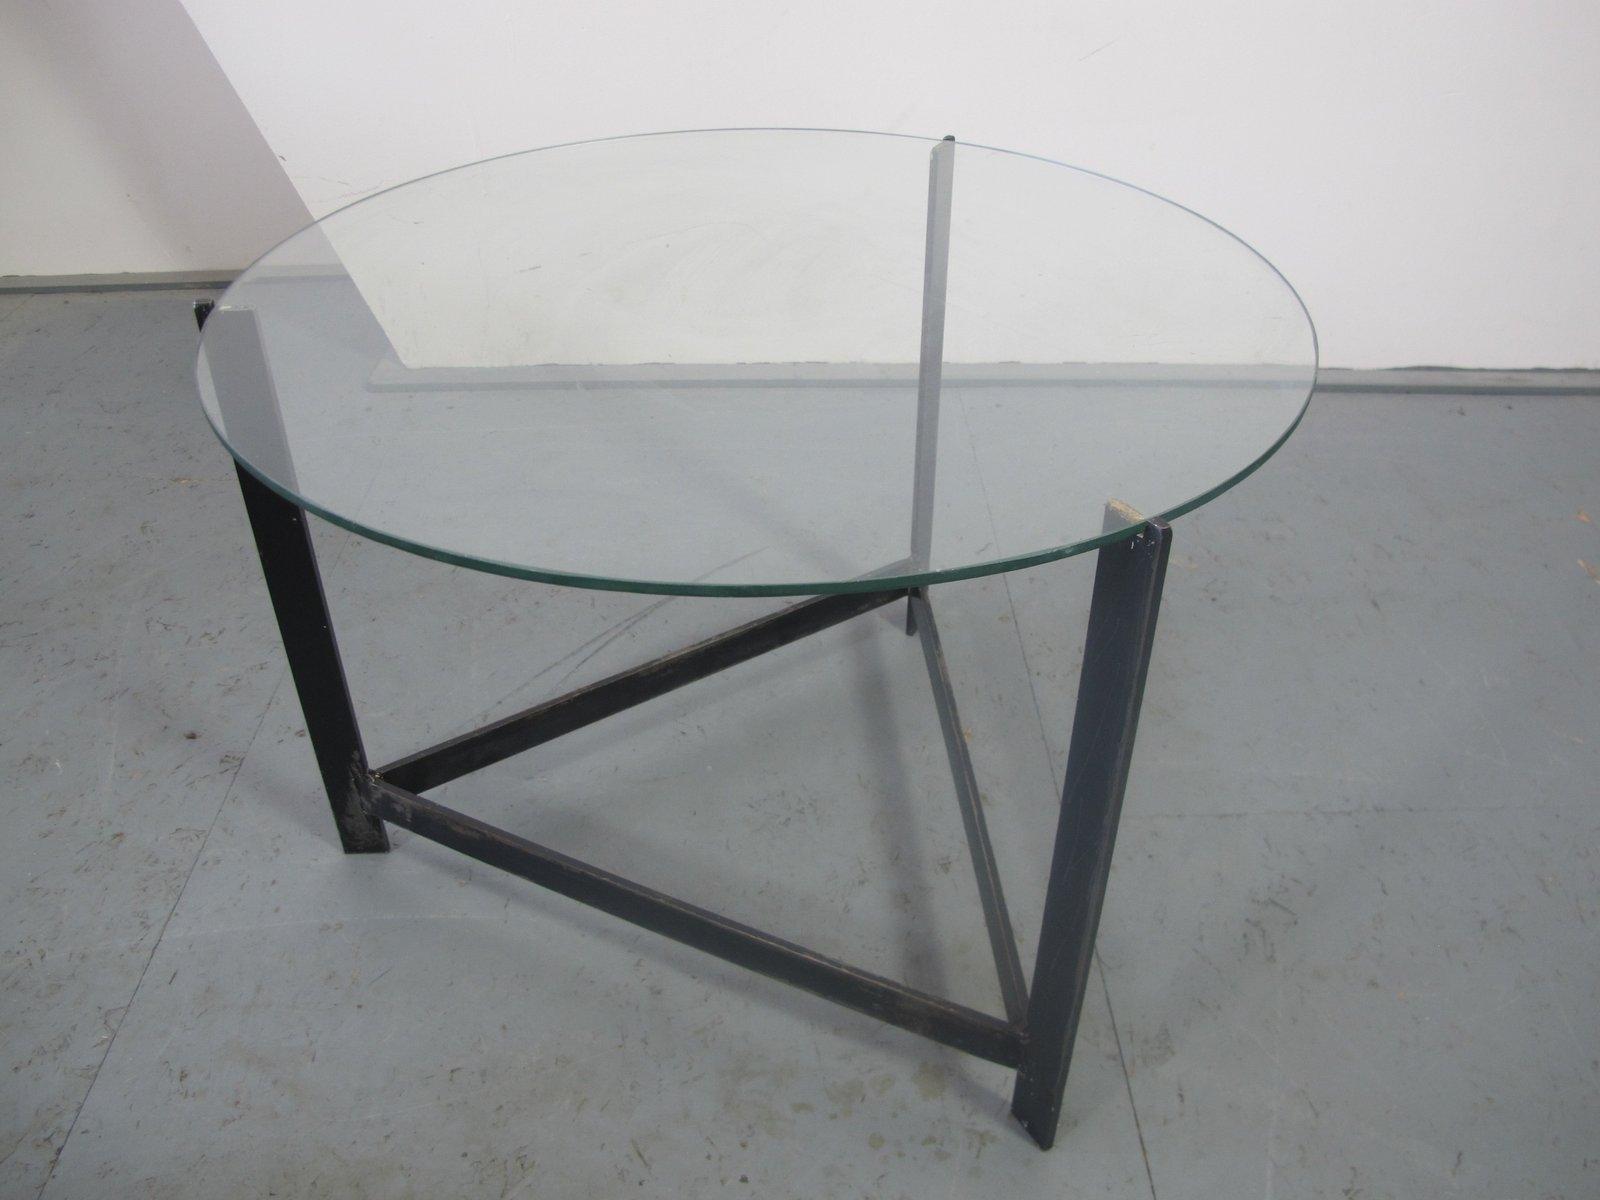 beistelltisch aus stahl glas rattan 1960er bei pamono. Black Bedroom Furniture Sets. Home Design Ideas